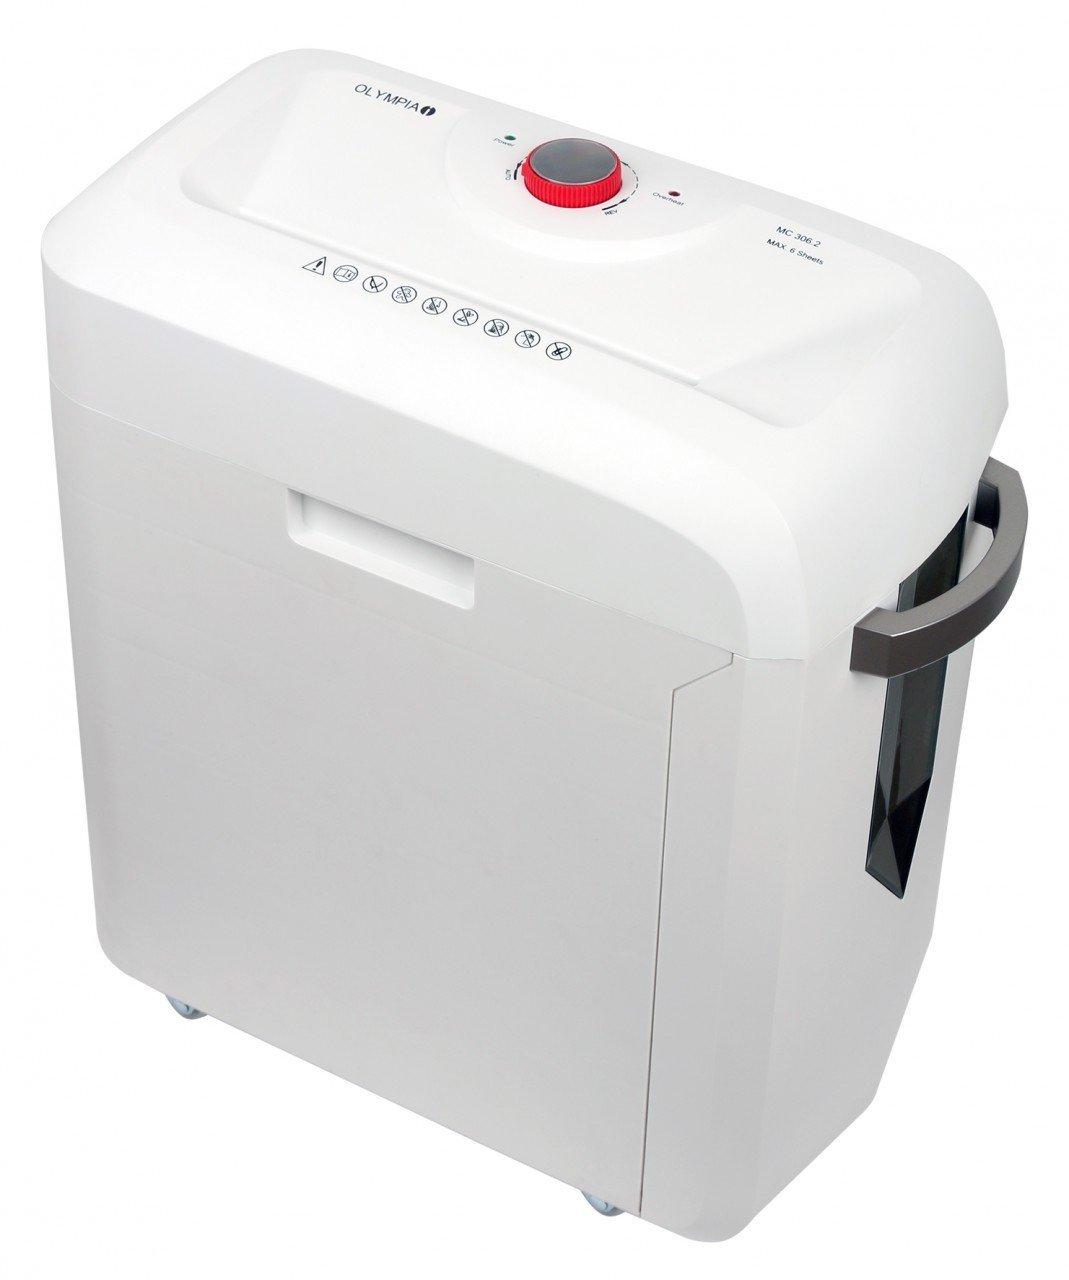 Olympia MC 306.2Micro-cut Shredding, 62dB weiß Aktenvernichter–Papier-Zerstörer (micro-cut Shredding, 22cm, 19l, 62dB, Knöpfe, 6min) 2627